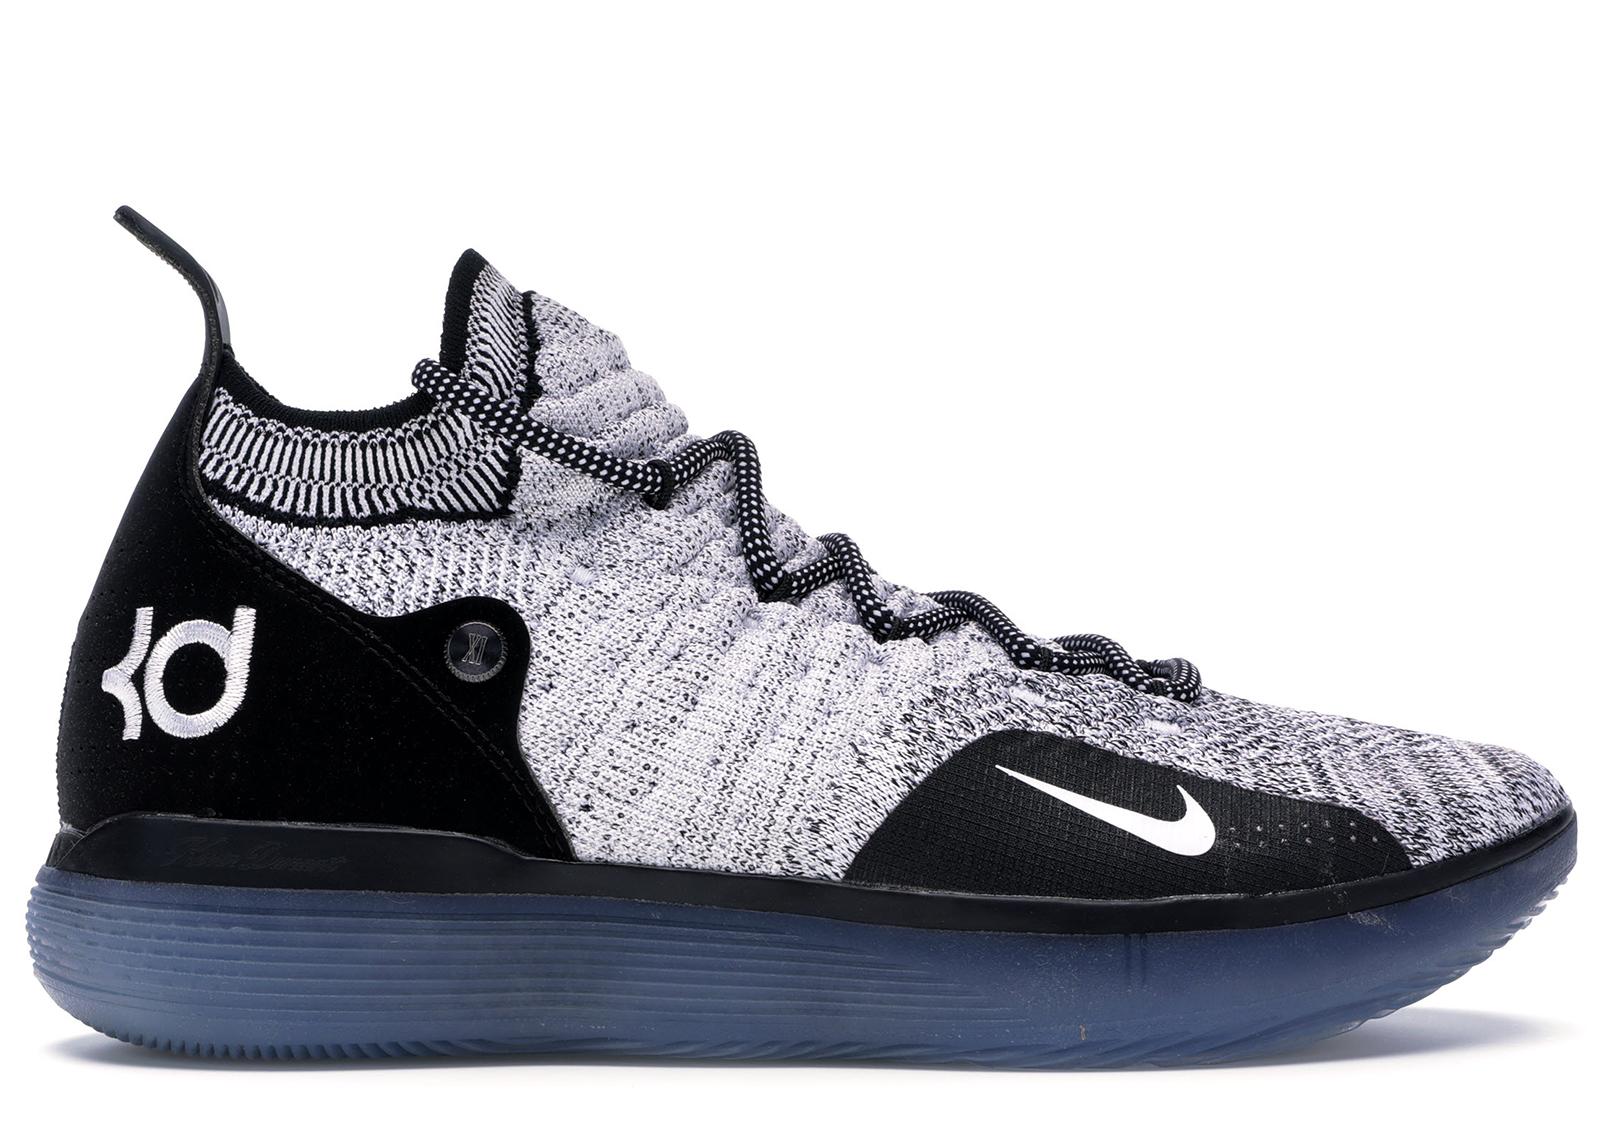 Nike KD 11 Black White Racer Blue